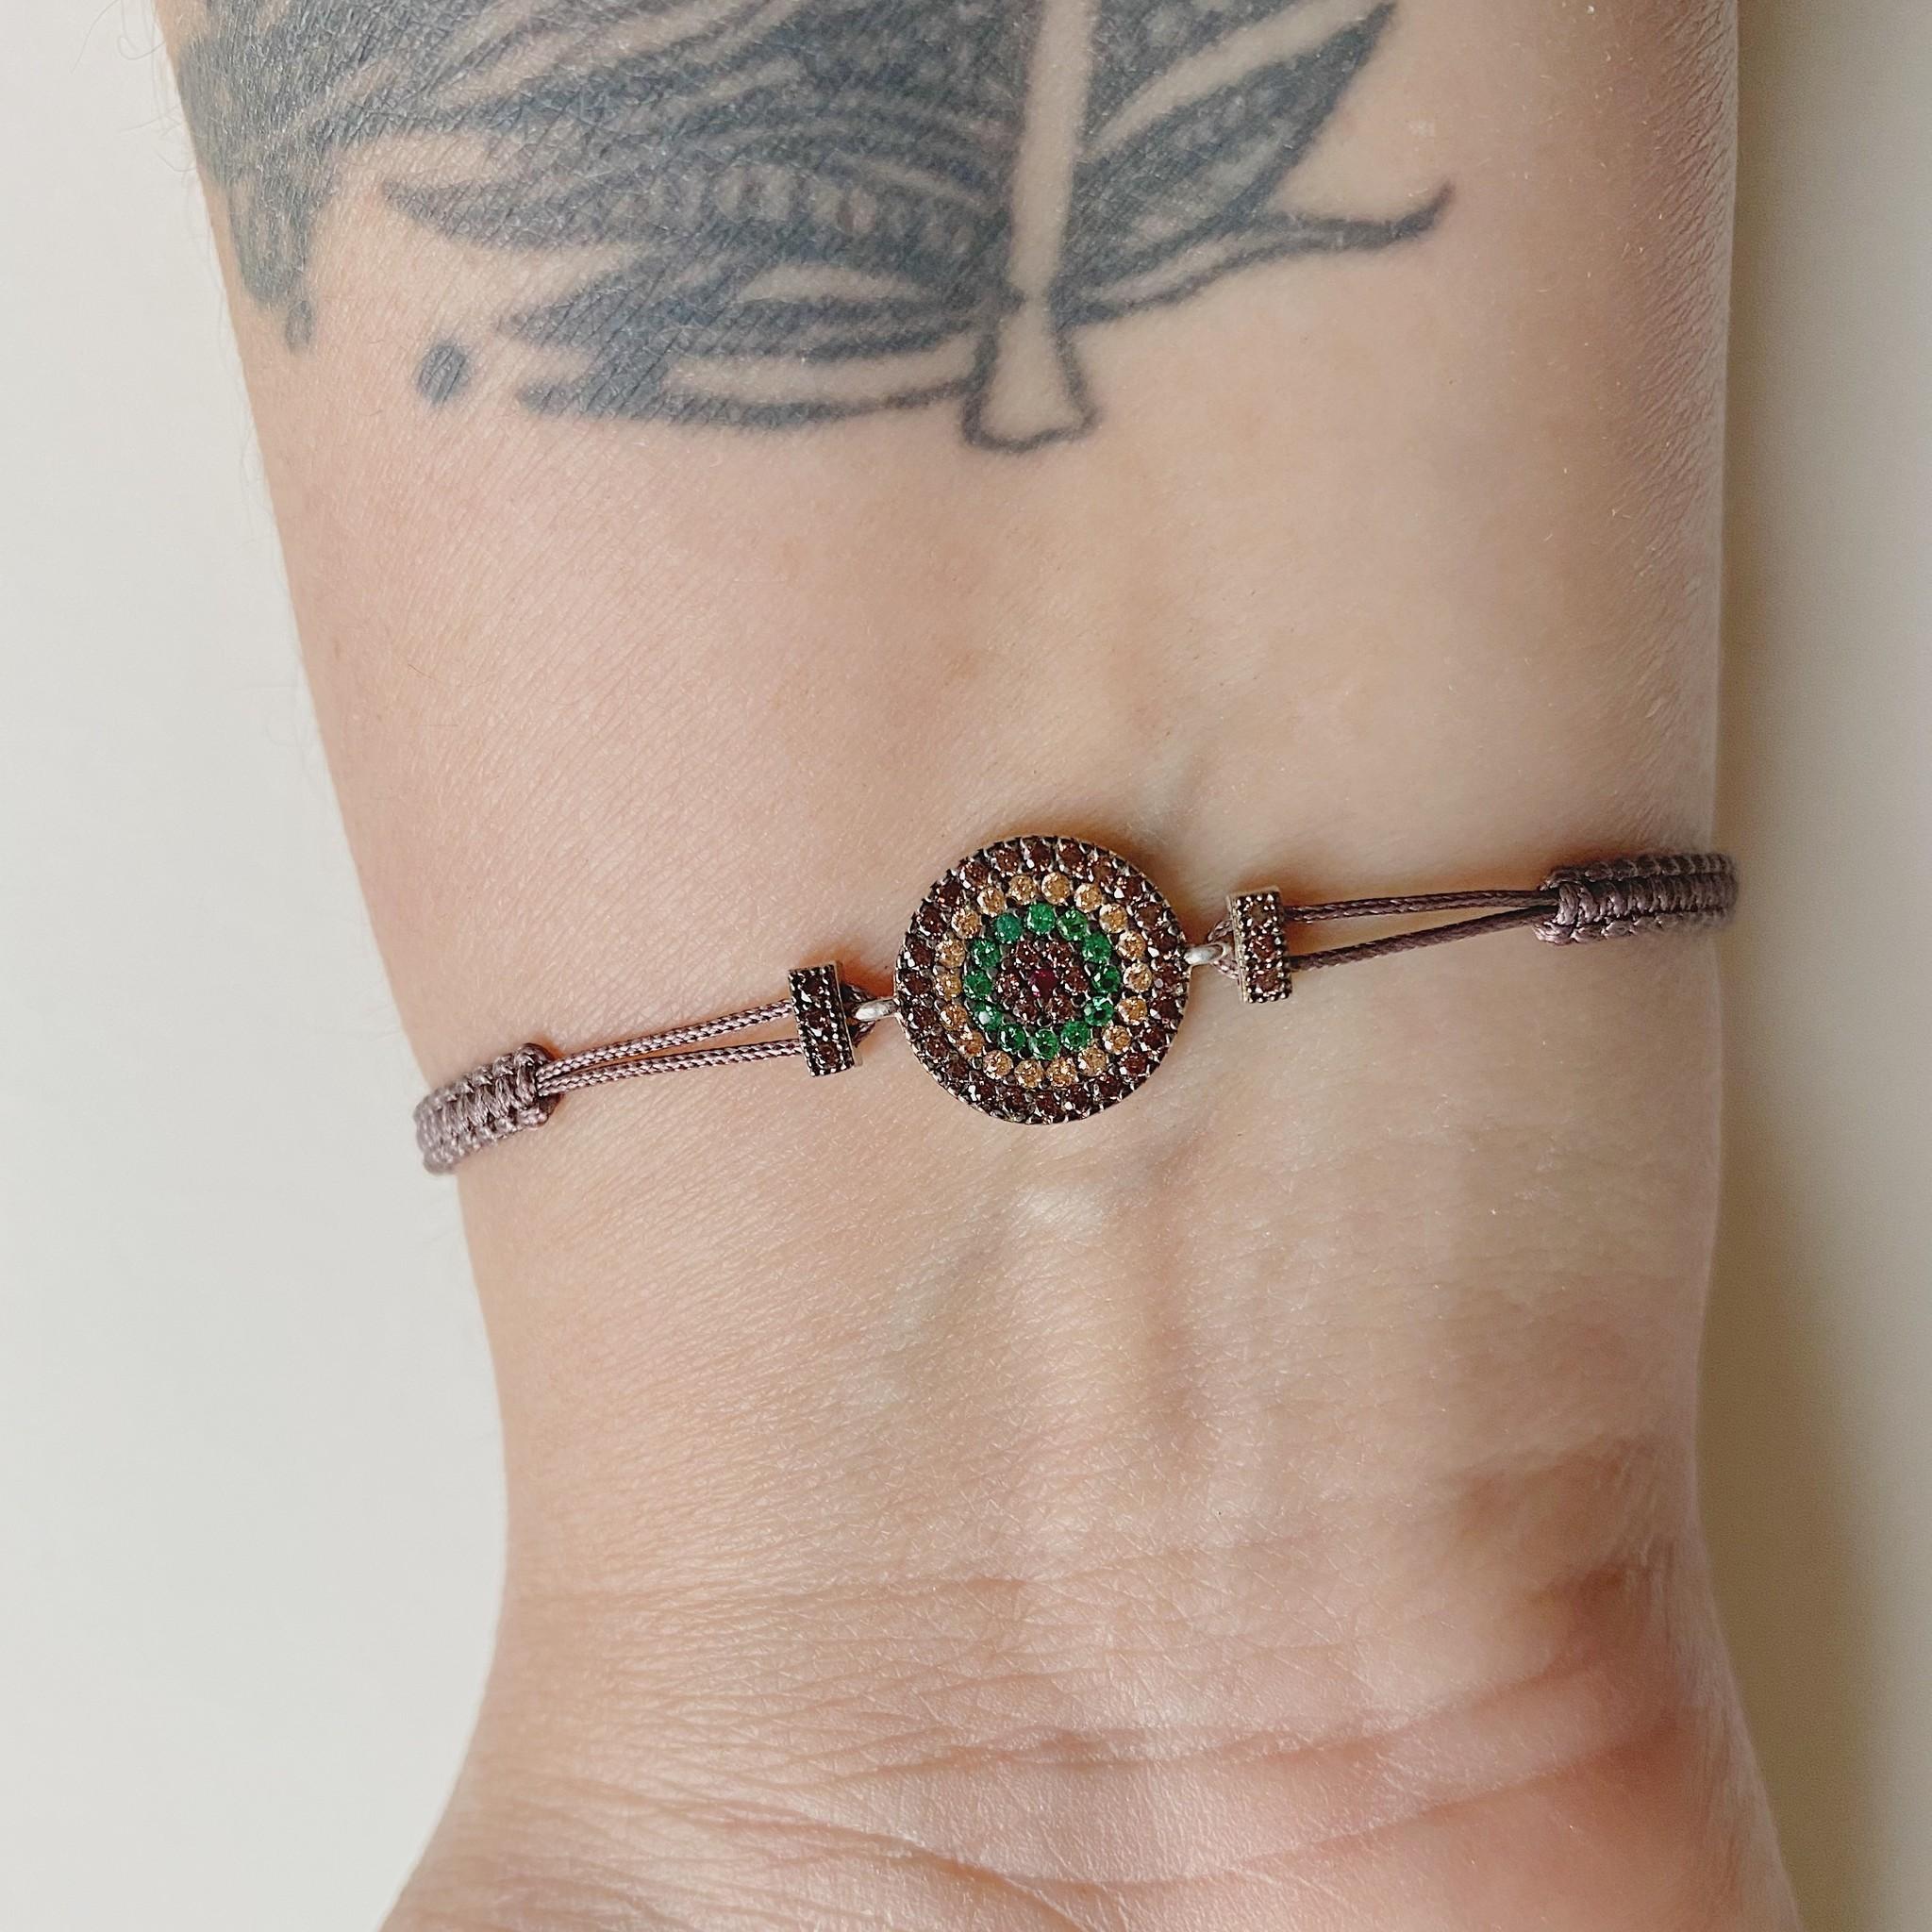 Kurshuni Jewellery CZ Vortex Adjustable Cord Bracelet- Taupe